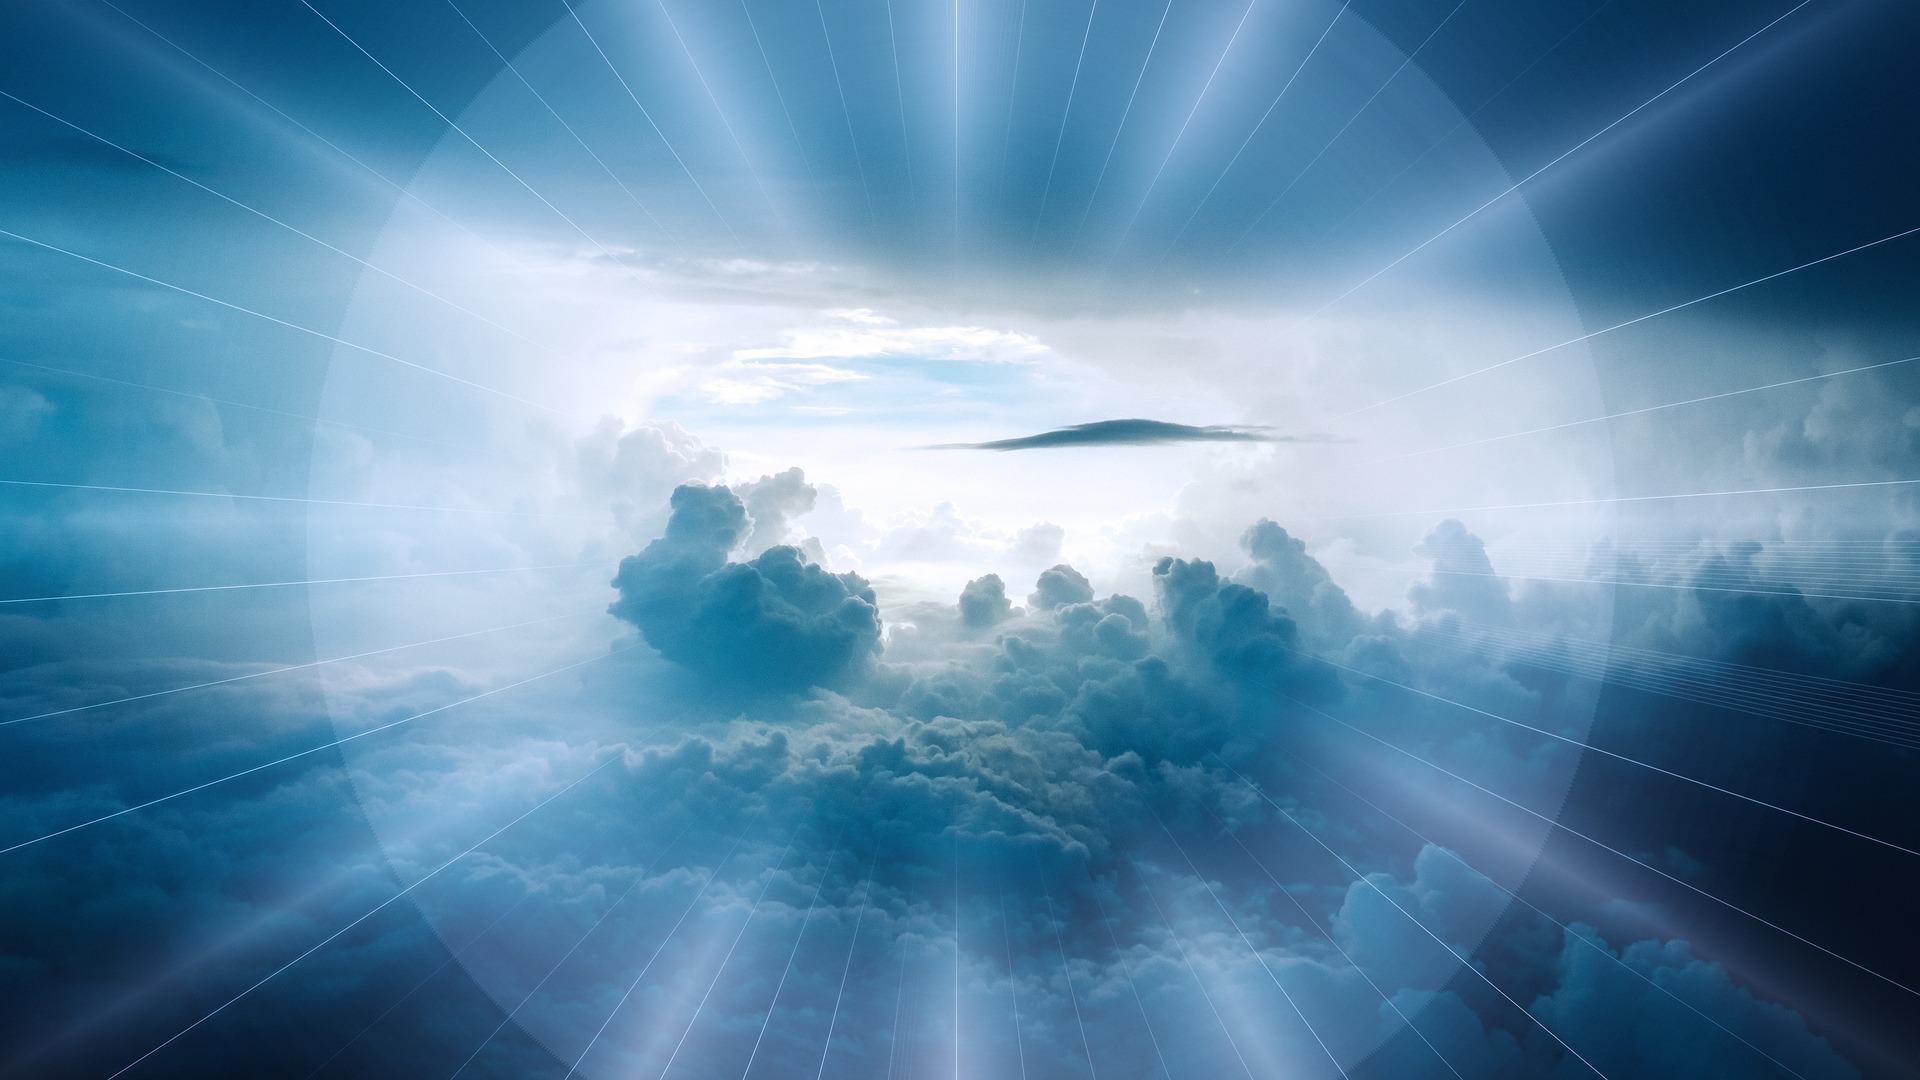 clouds-2709662_1920 gerd altmann pixabay